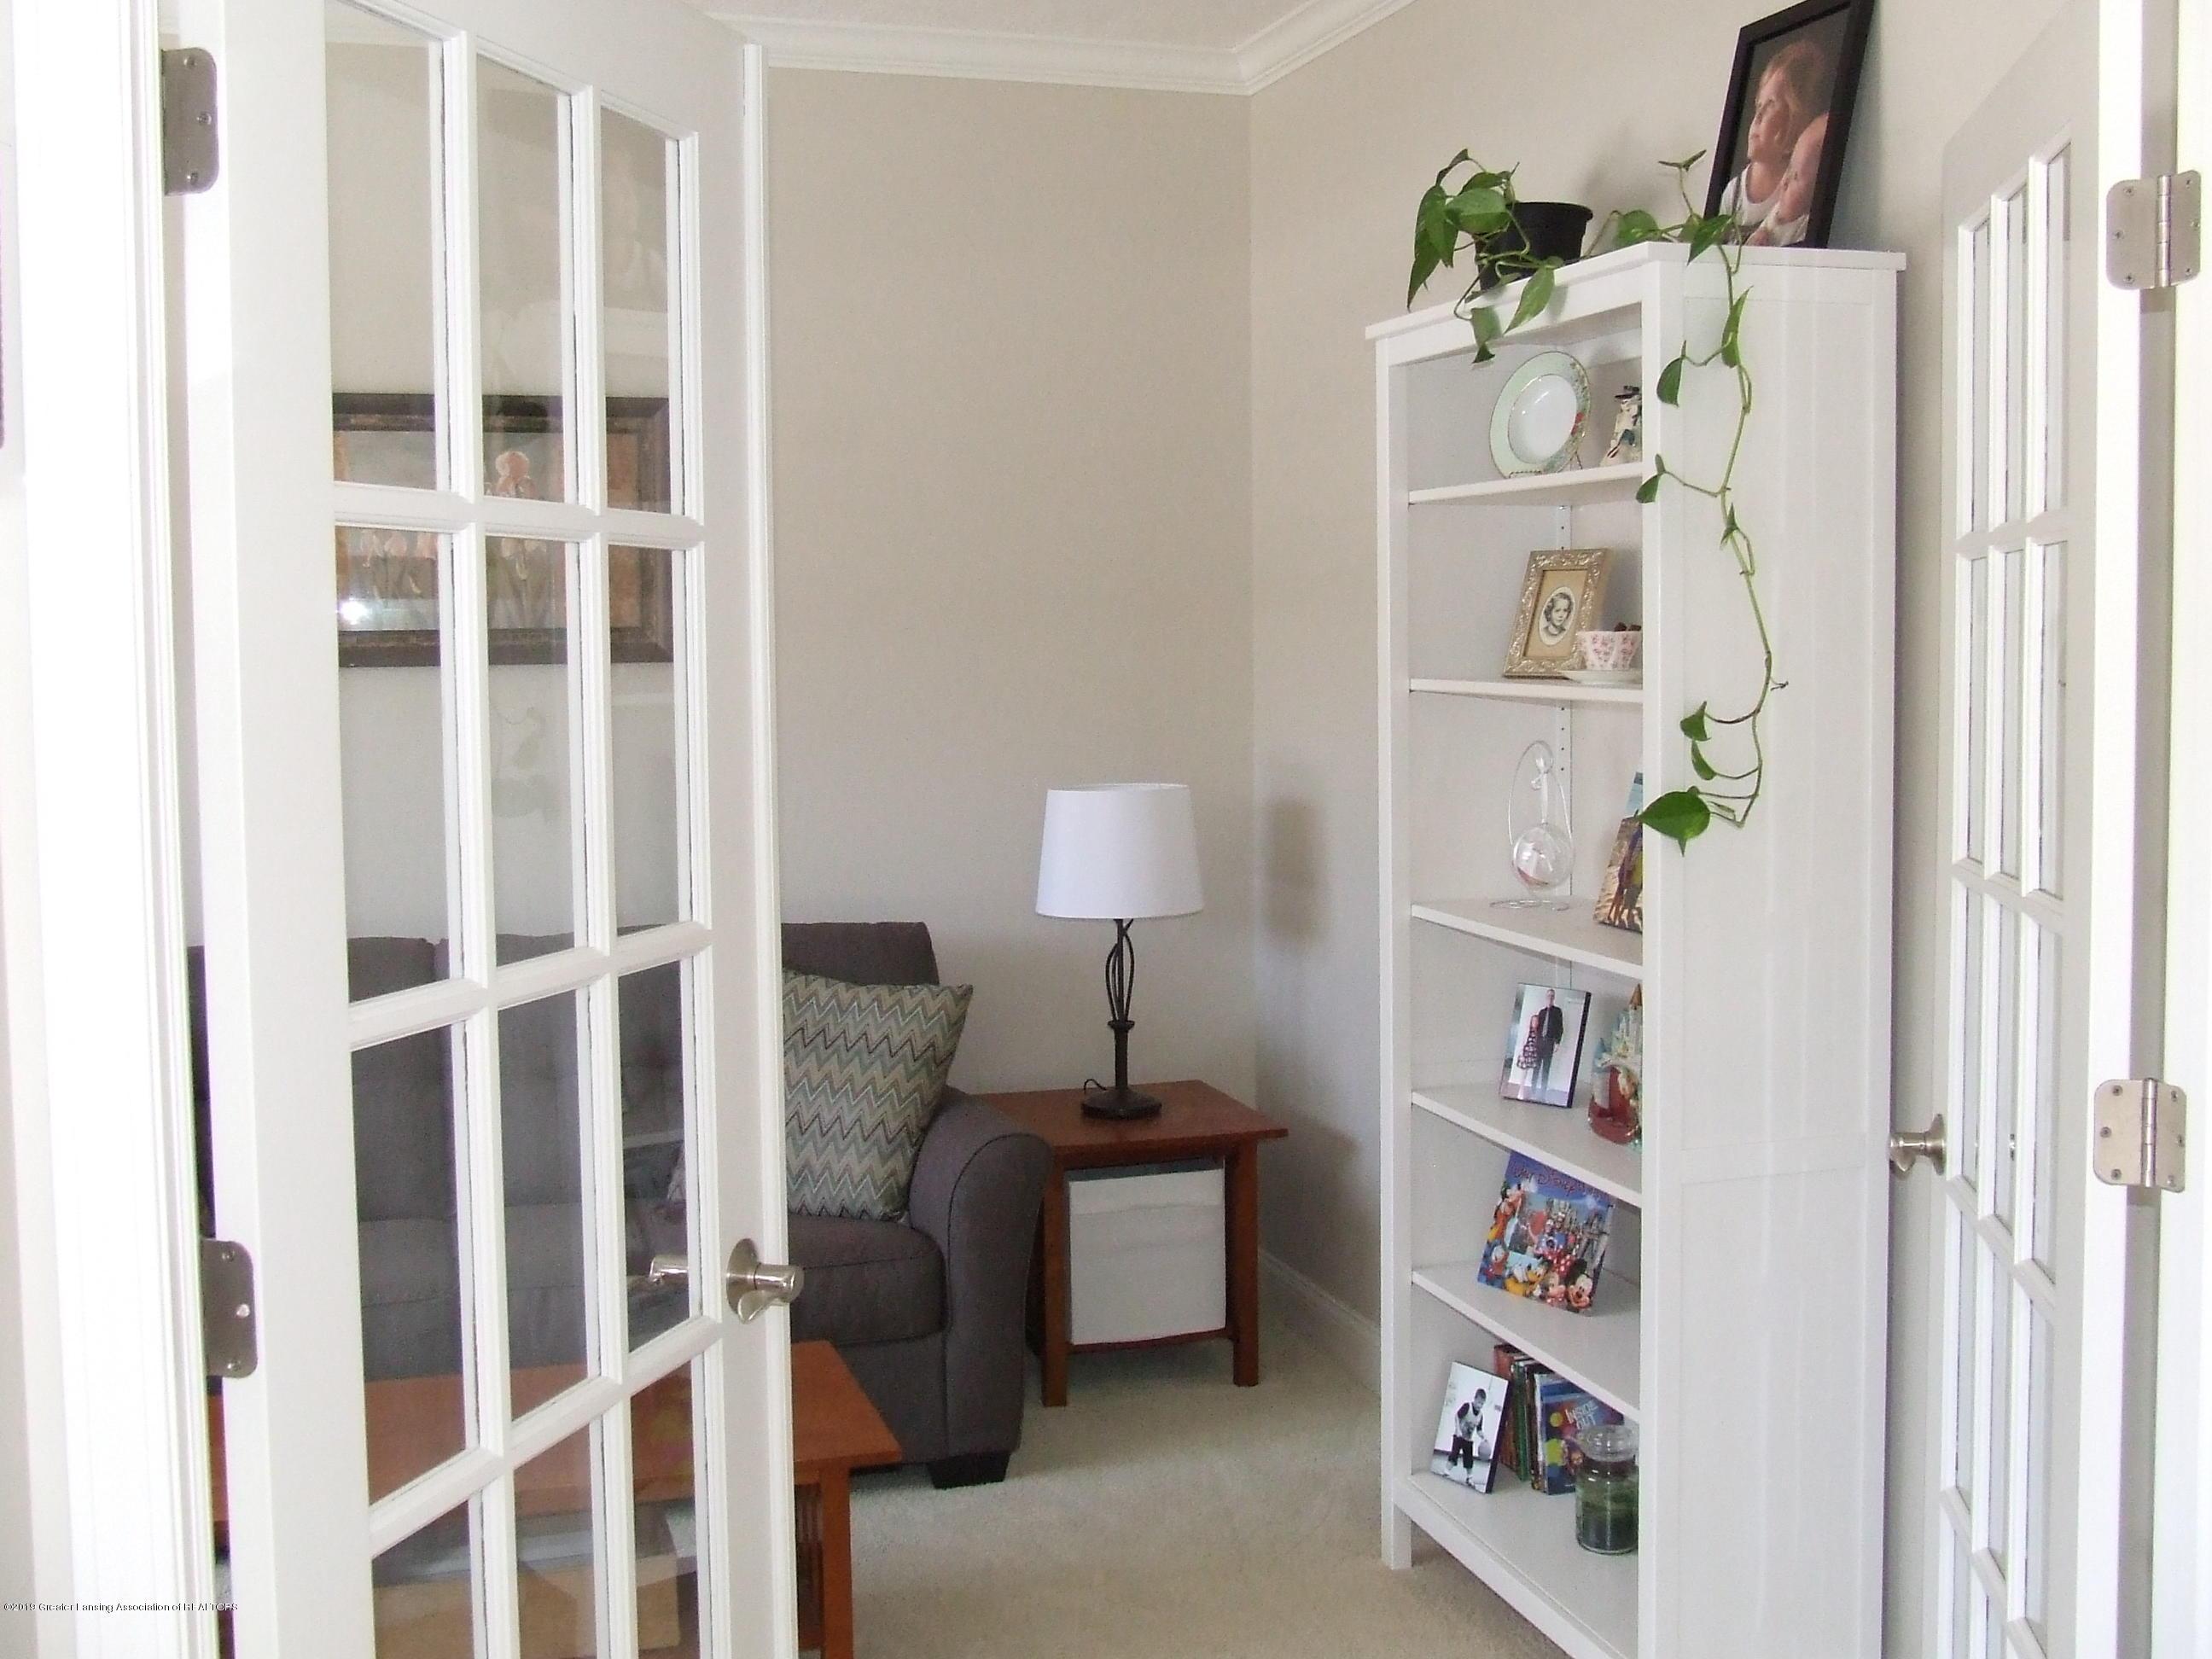 11641 Millstone Dr - Dining room/flex room - 11